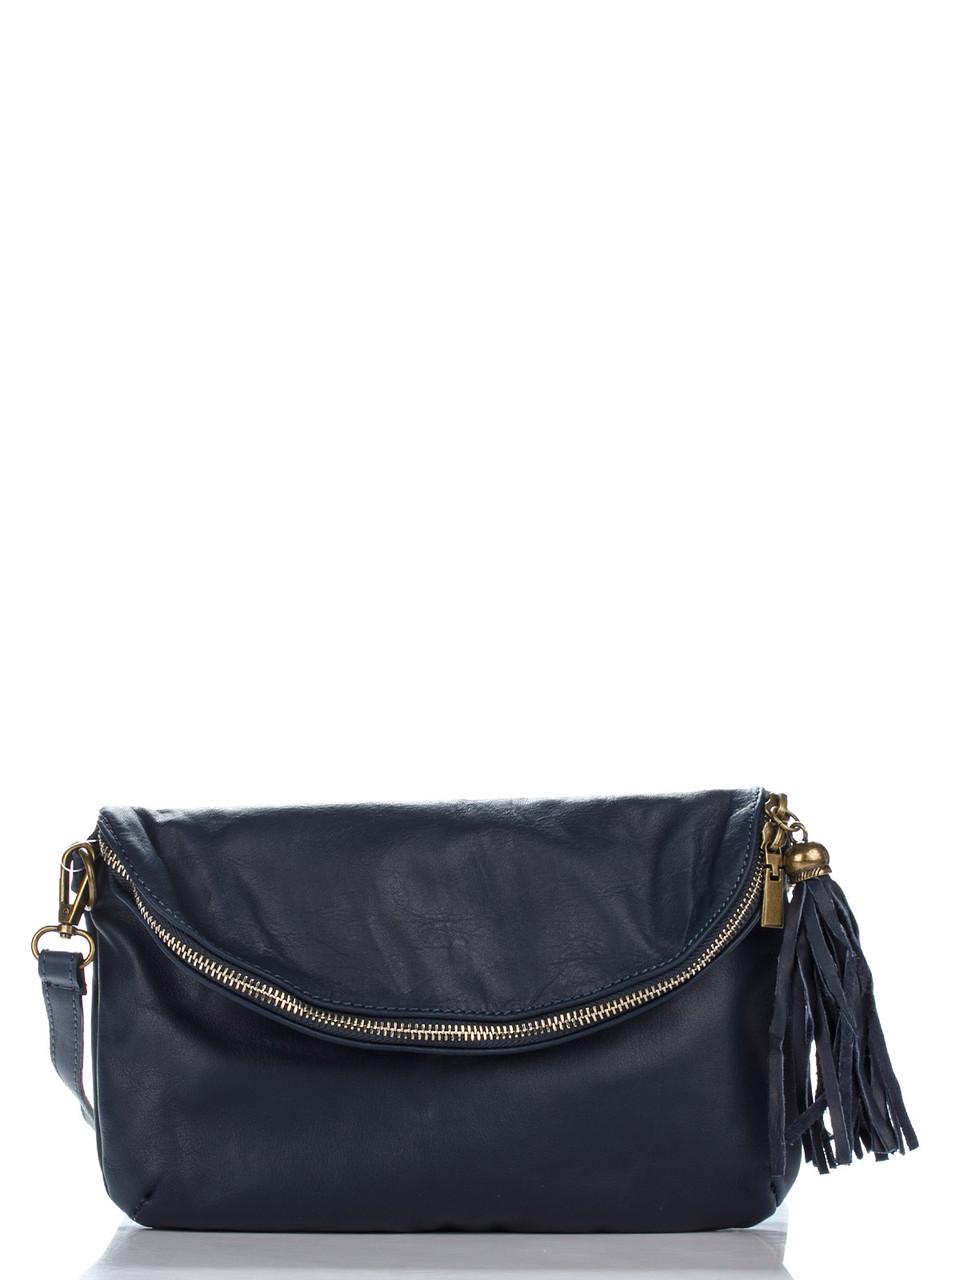 Женская кожаная сумка SABINE Diva's Bag цвет темно-синий